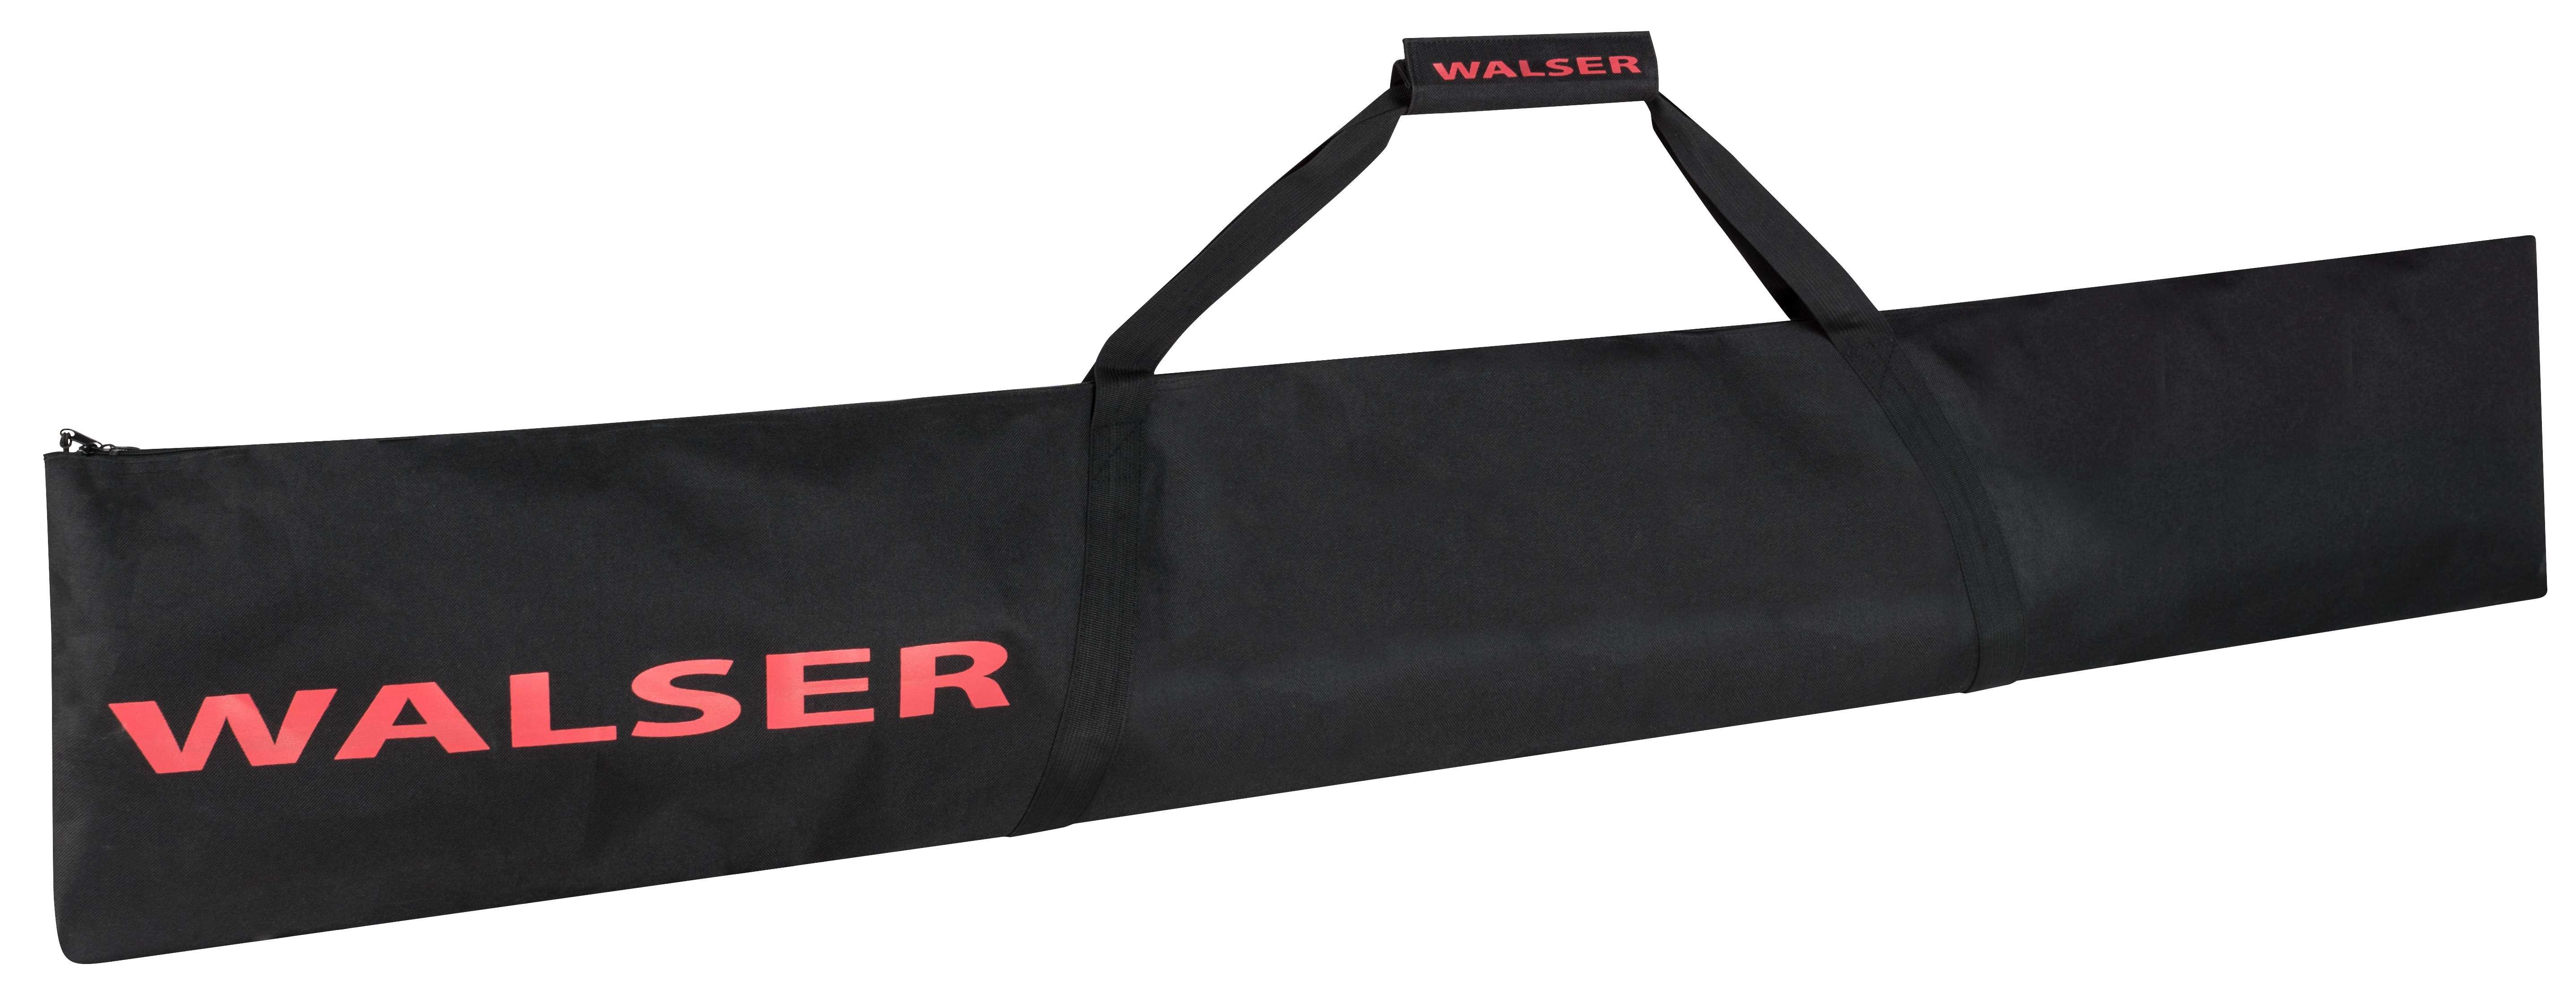 Skisack 30551 WALSER 30551 in Original Qualität